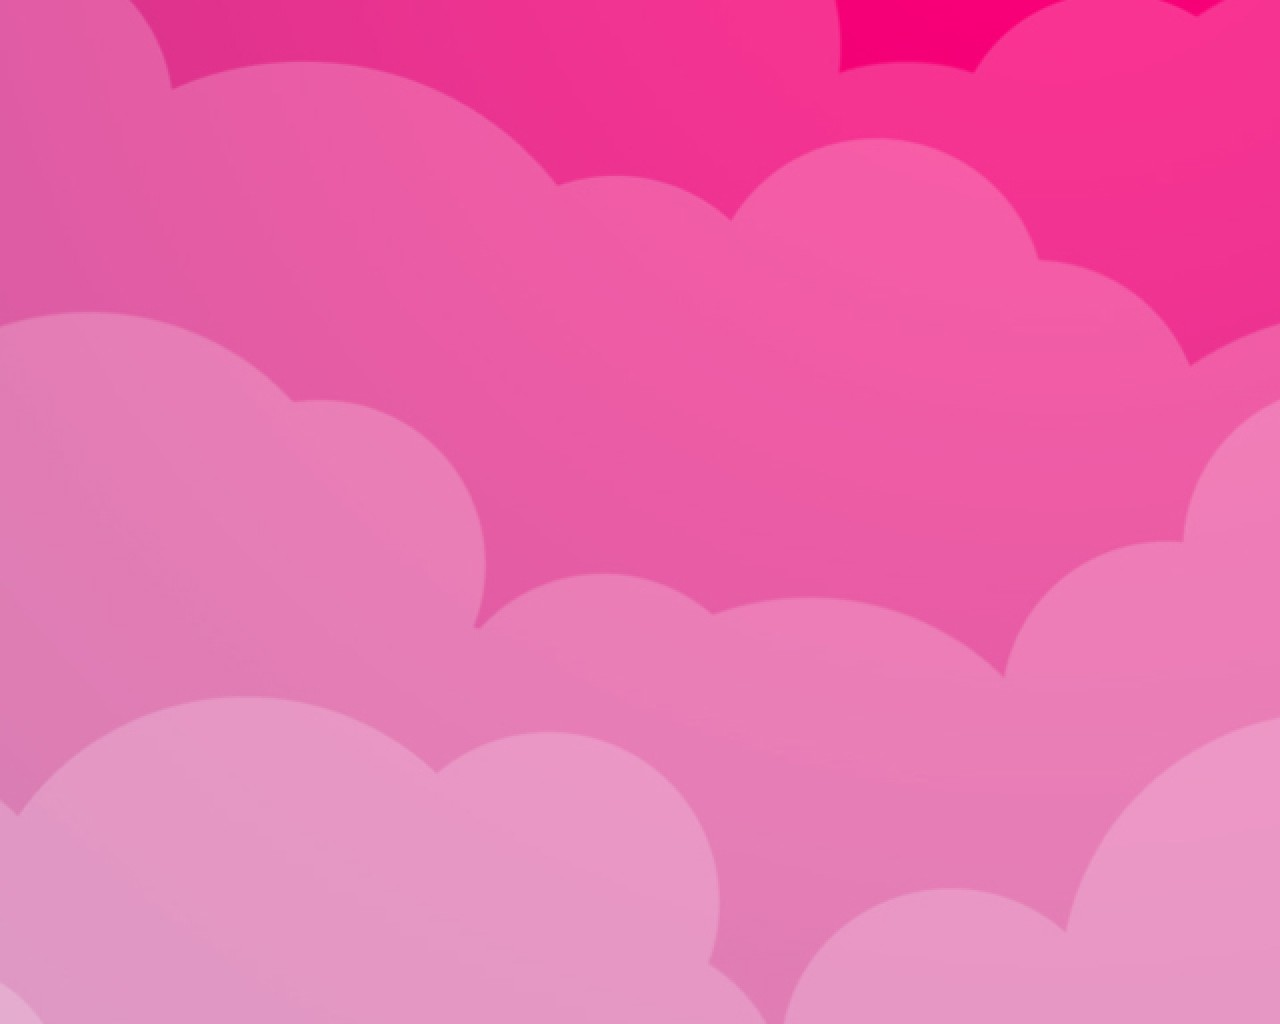 Cute Pink Wallpapers for iPhone WallpaperSafari